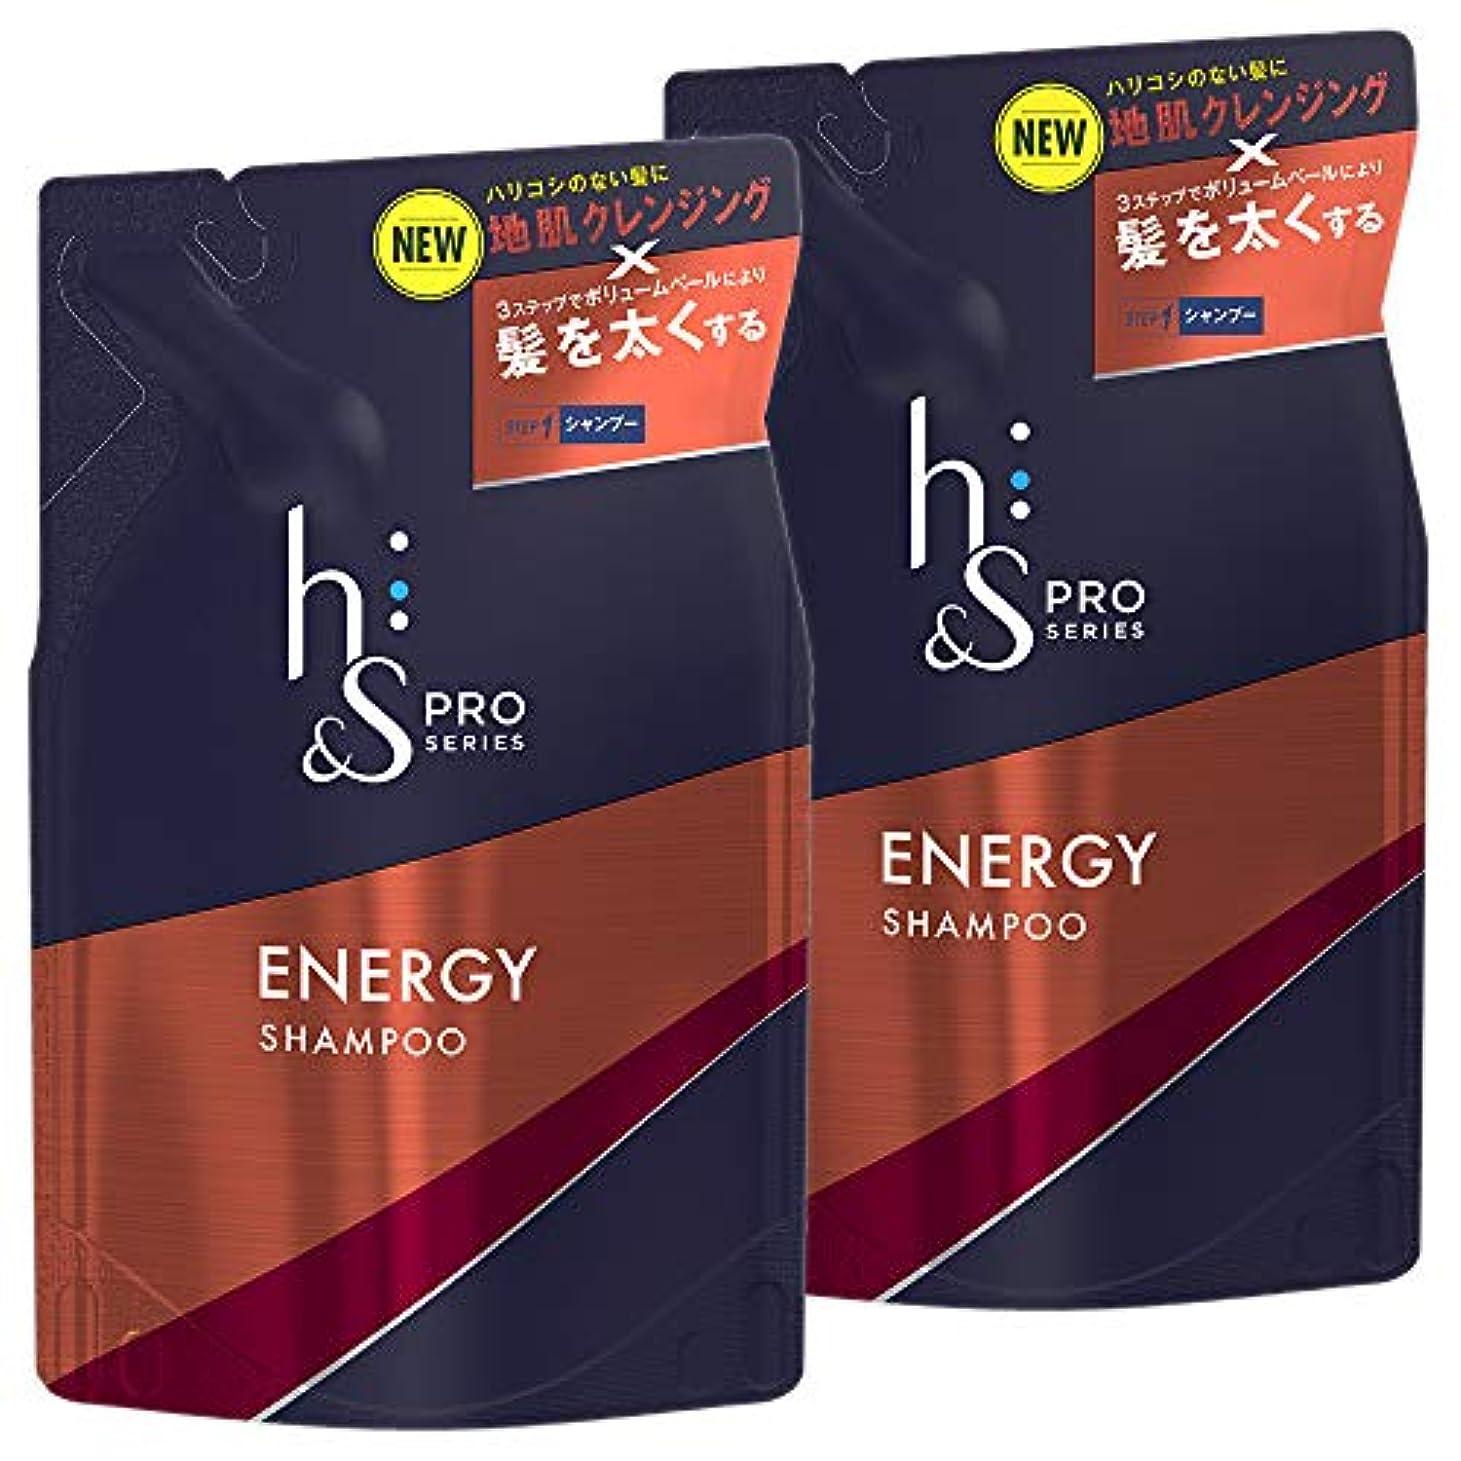 看板エスカレーター珍味【まとめ買い】 h&s for men シャンプー PRO Series エナジー 詰め替え 300mL×2個